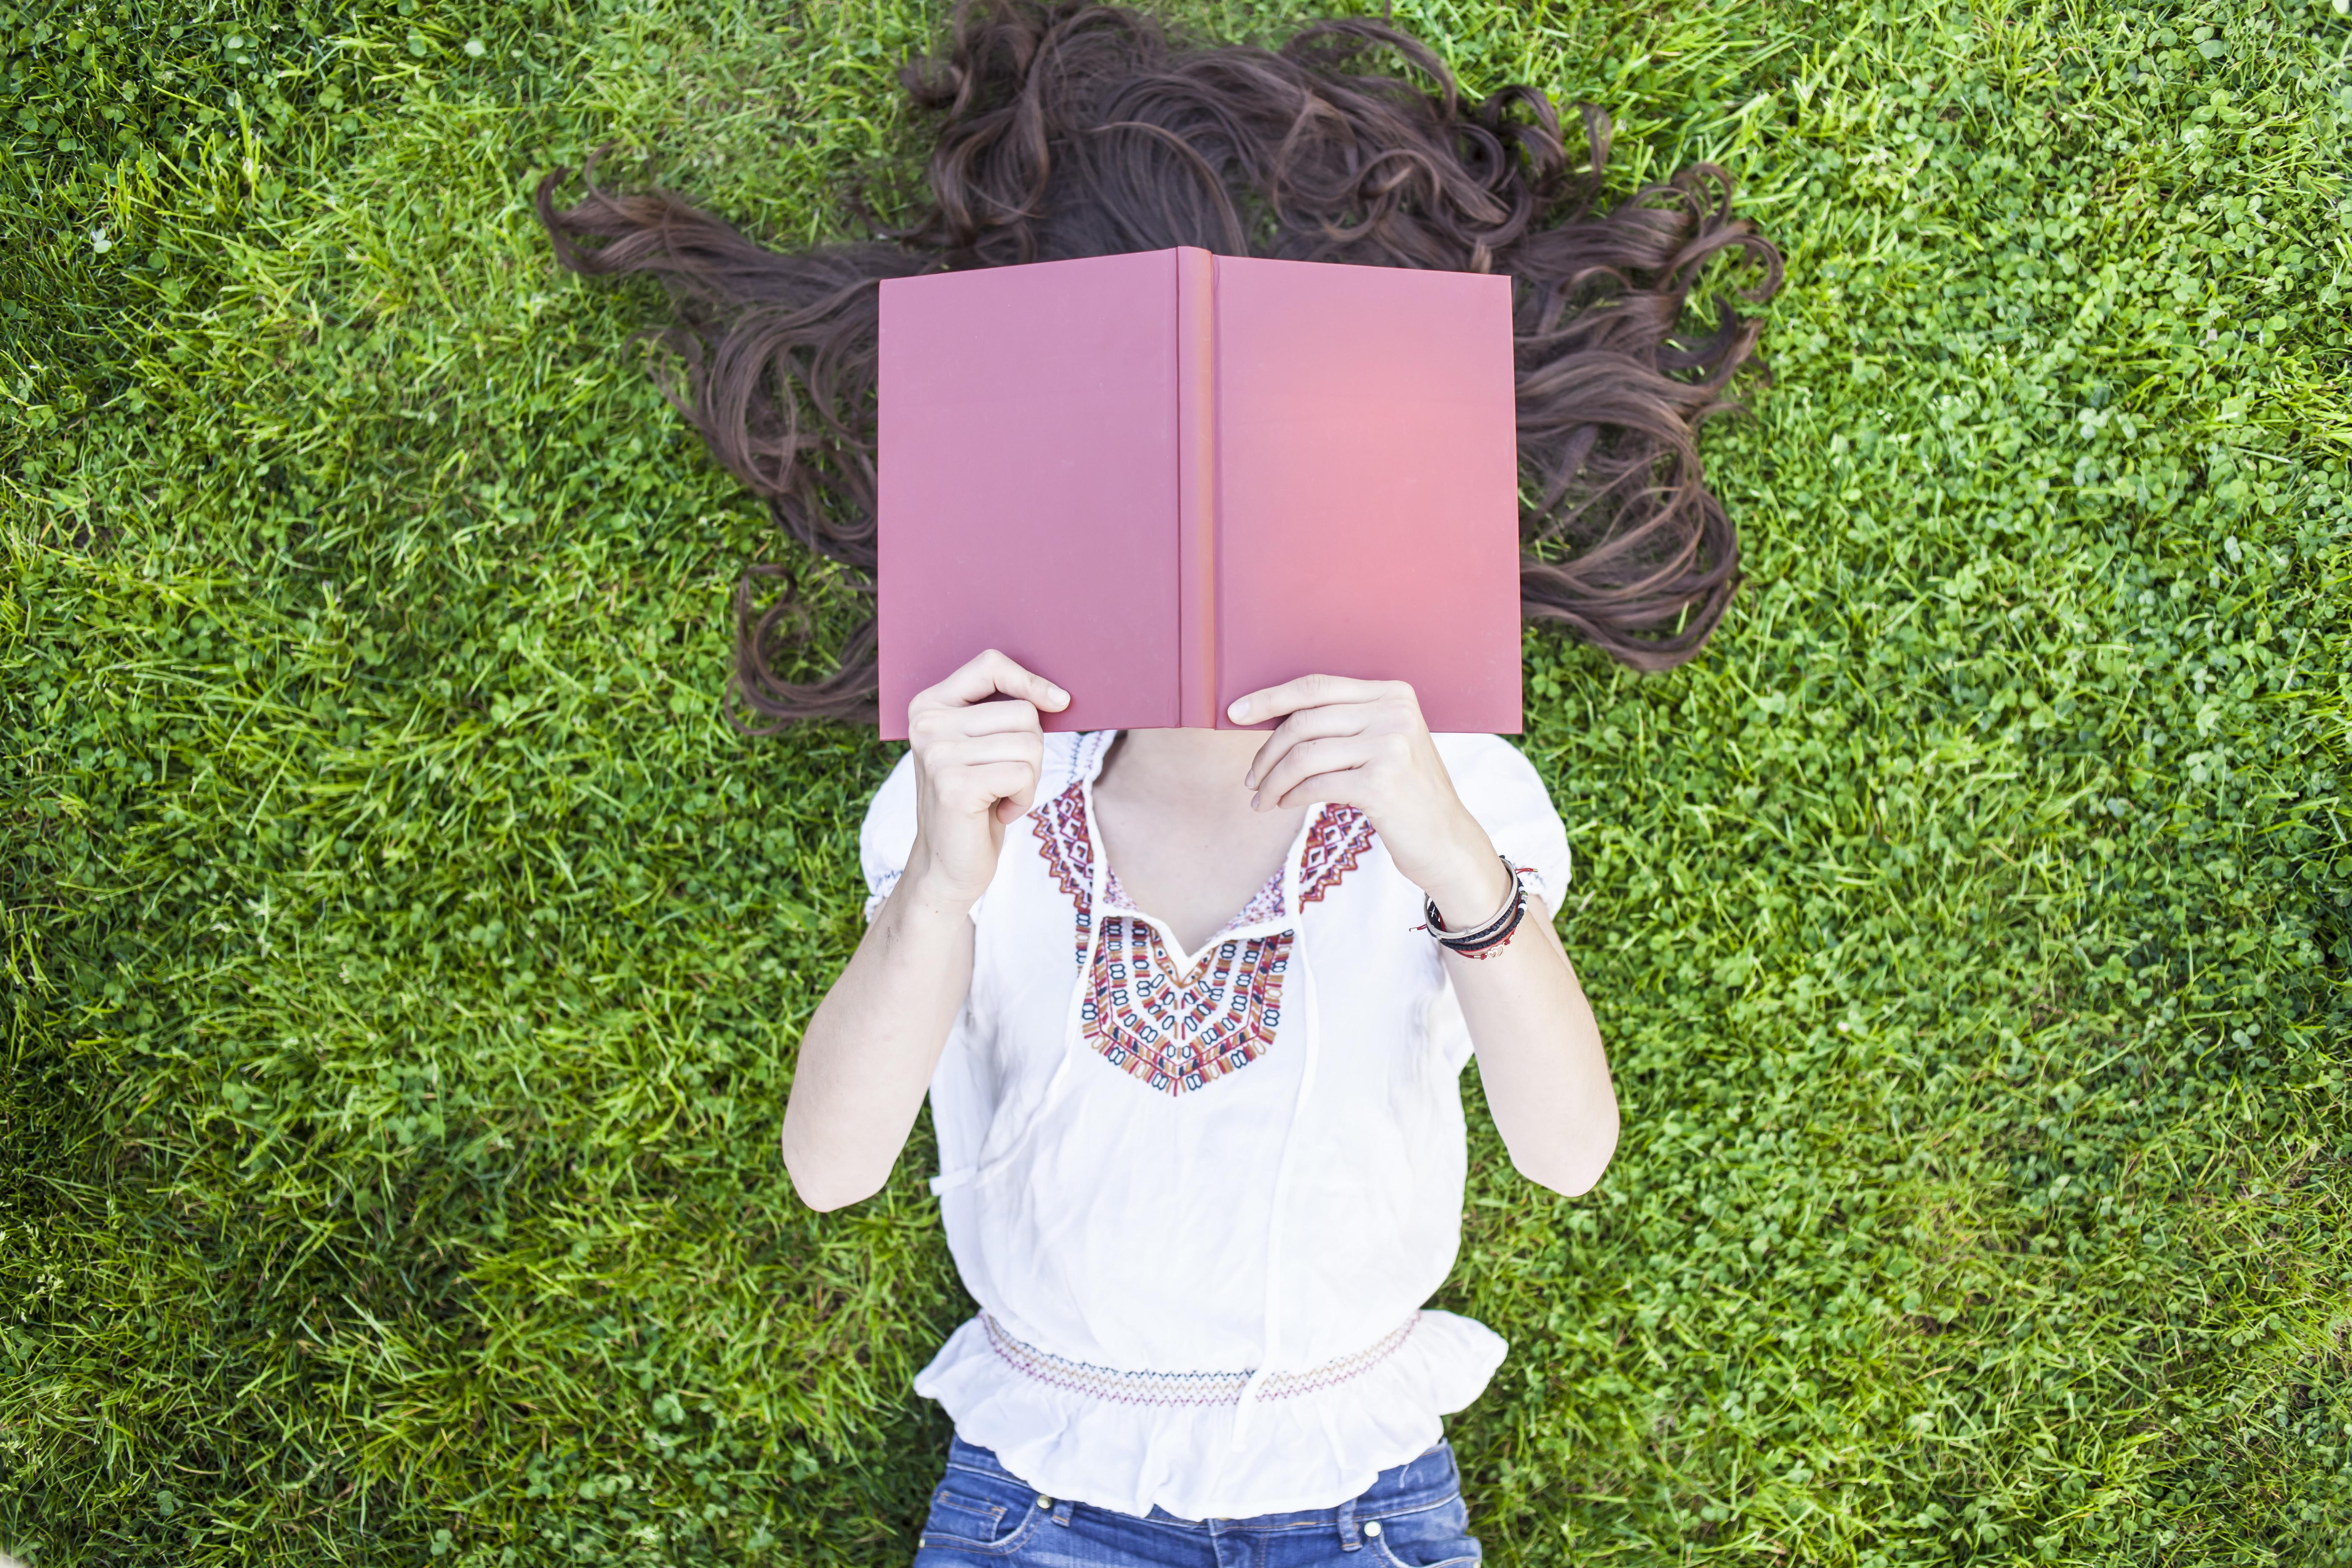 Livros: saiba o que os famosos recomendam para ler